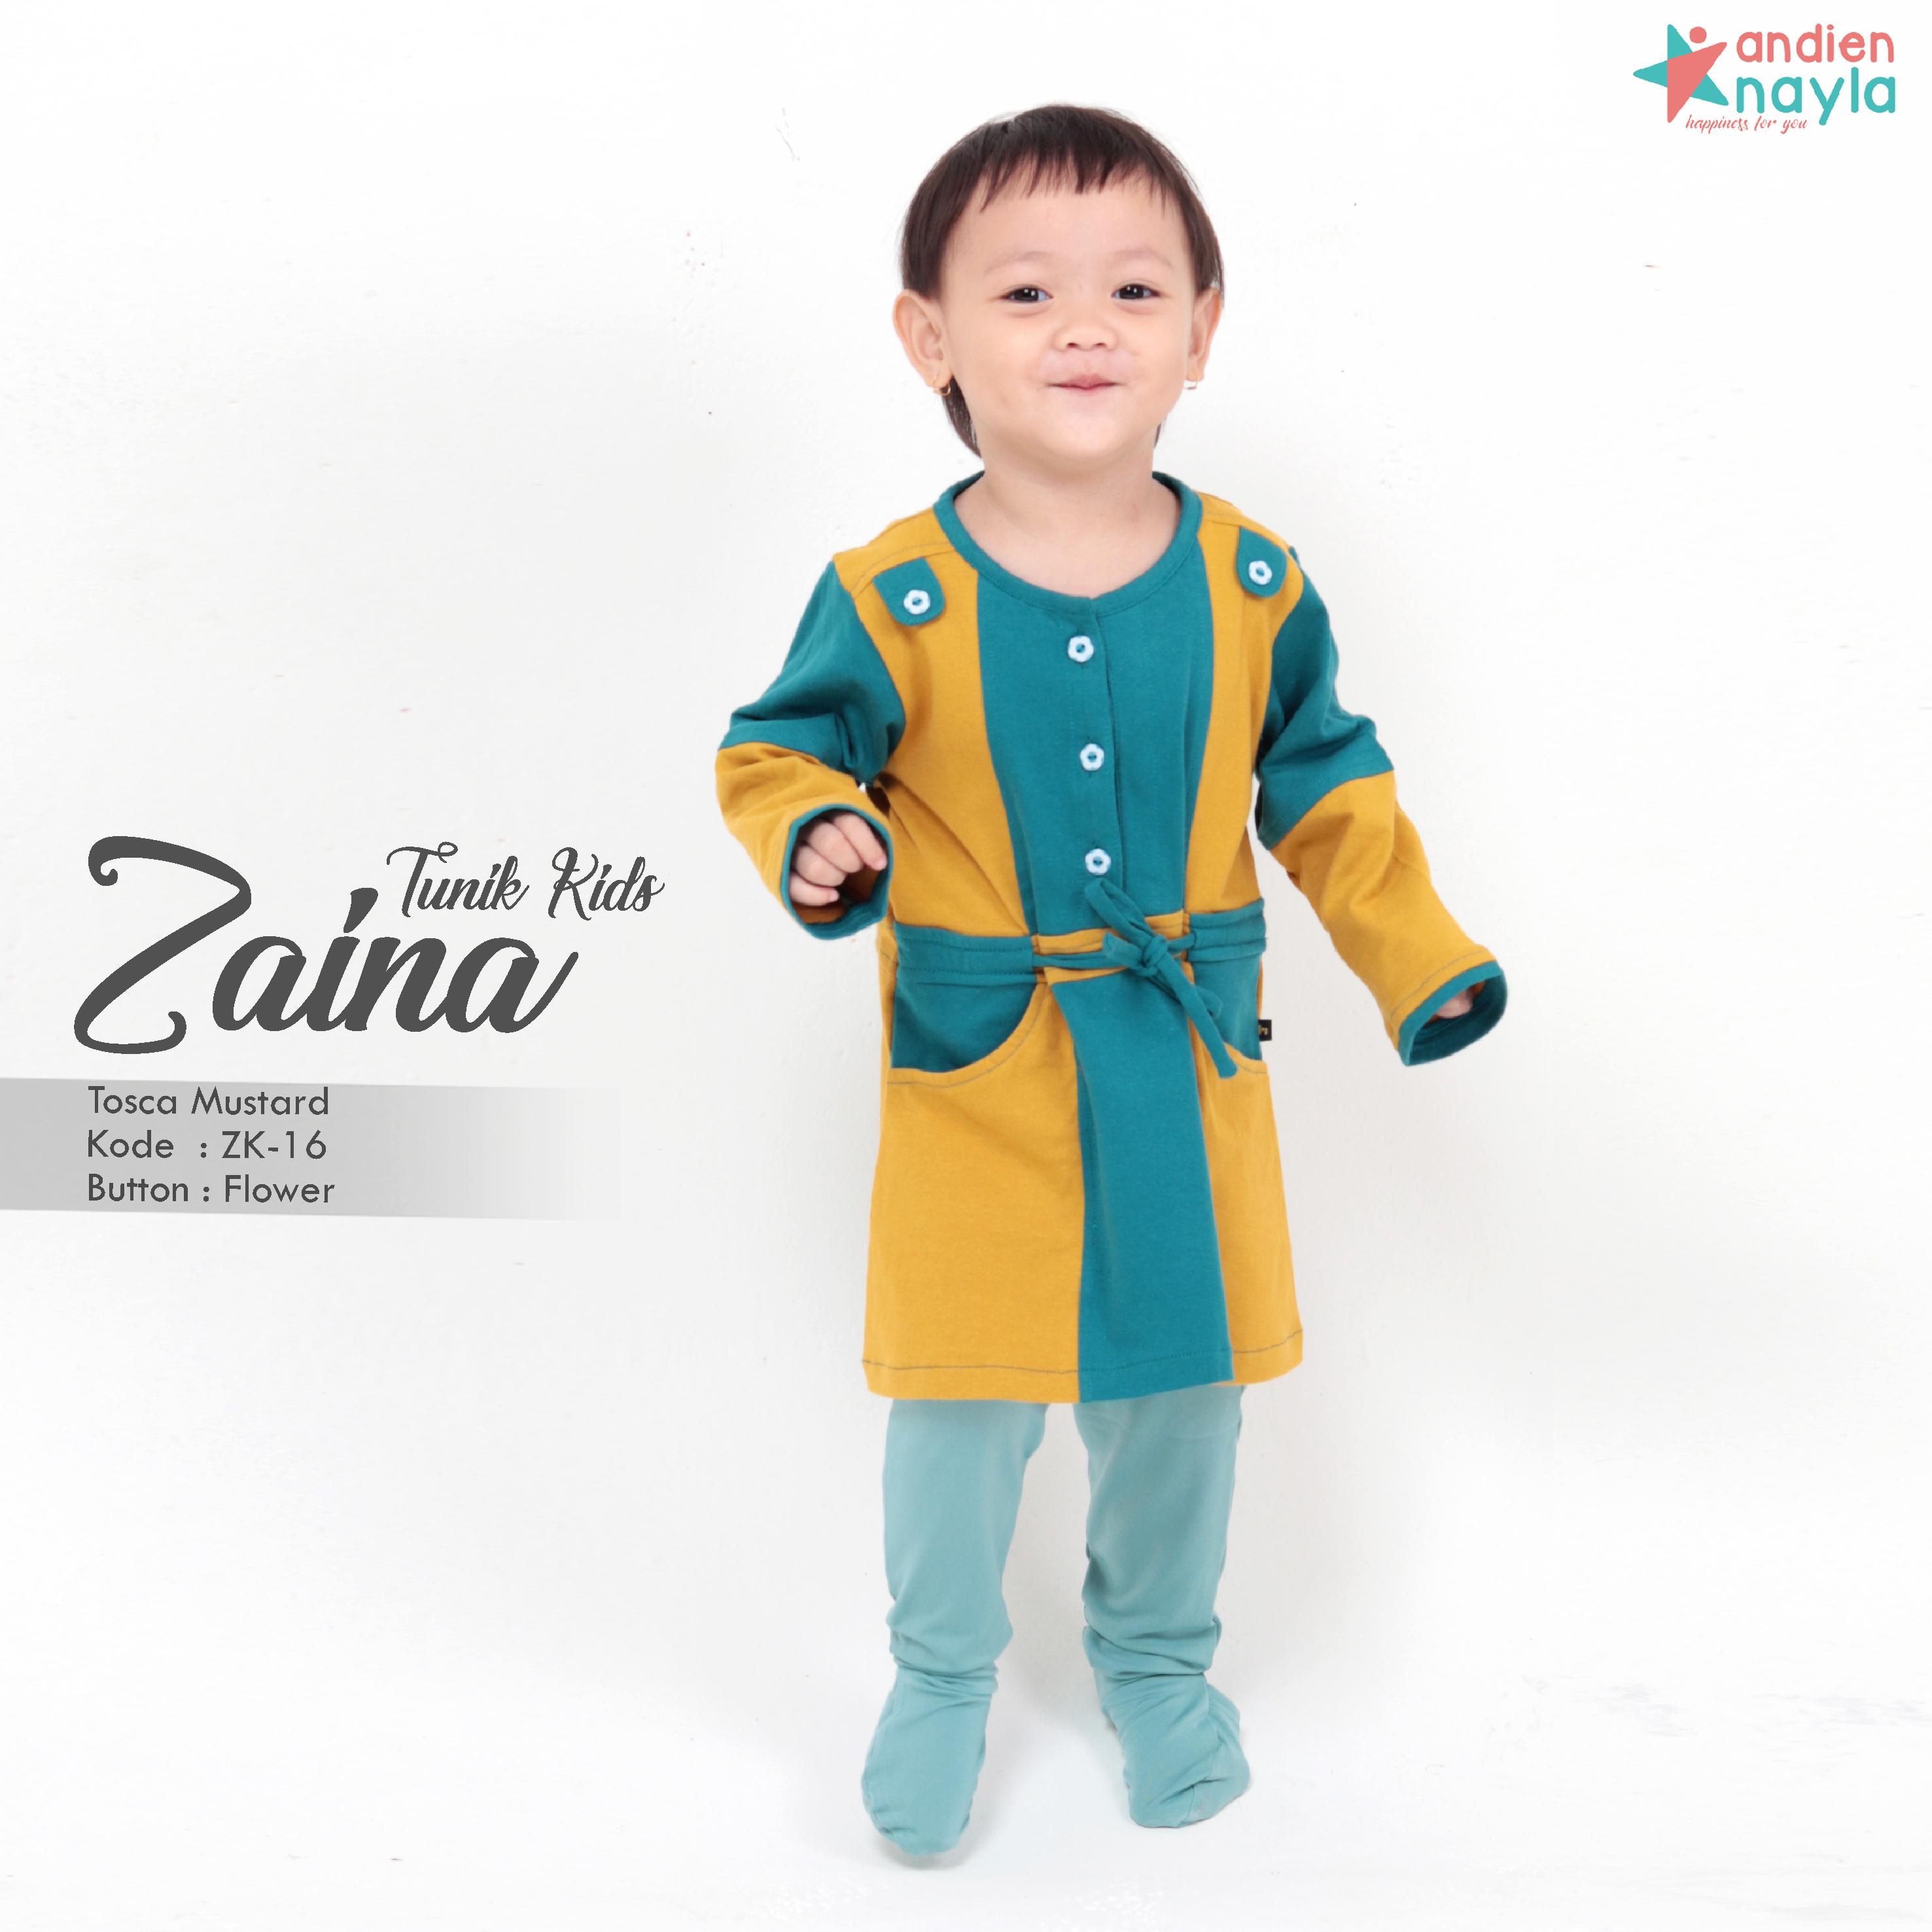 Zaina Tunik Kids